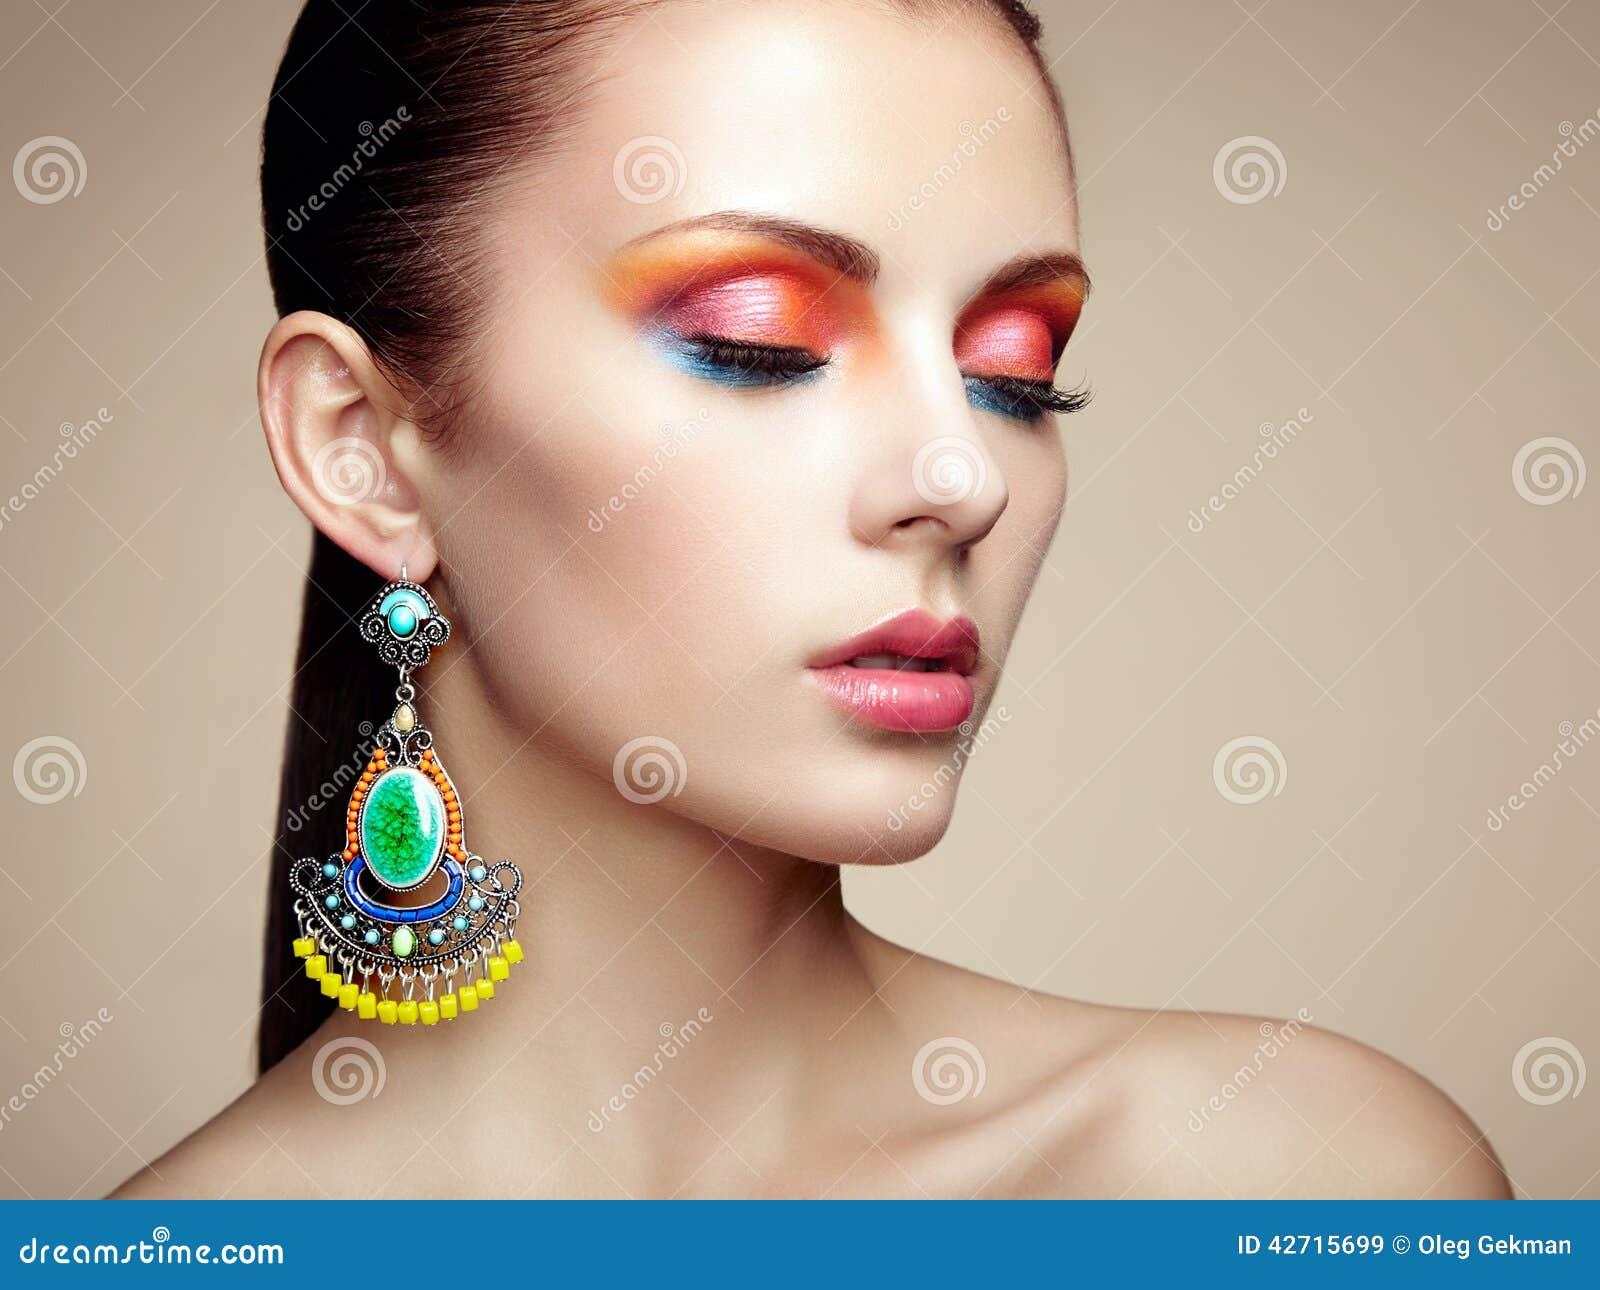 Portrait Et Belle Femme Boucle Avec De D'oreille La Jeune Bijoux 7bg6Yfy